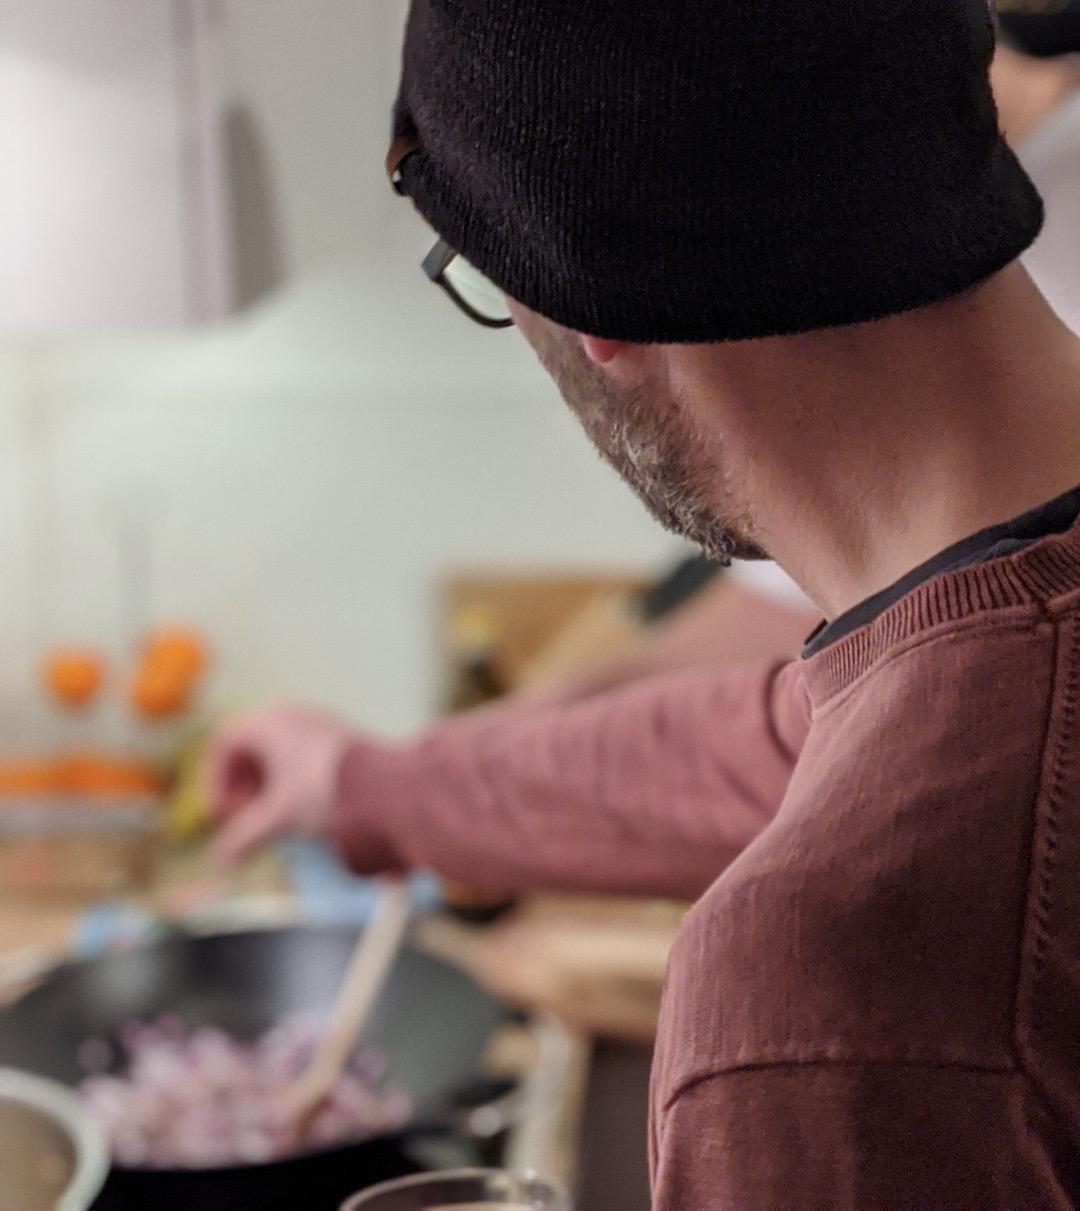 Kochninja bei der Arbeit